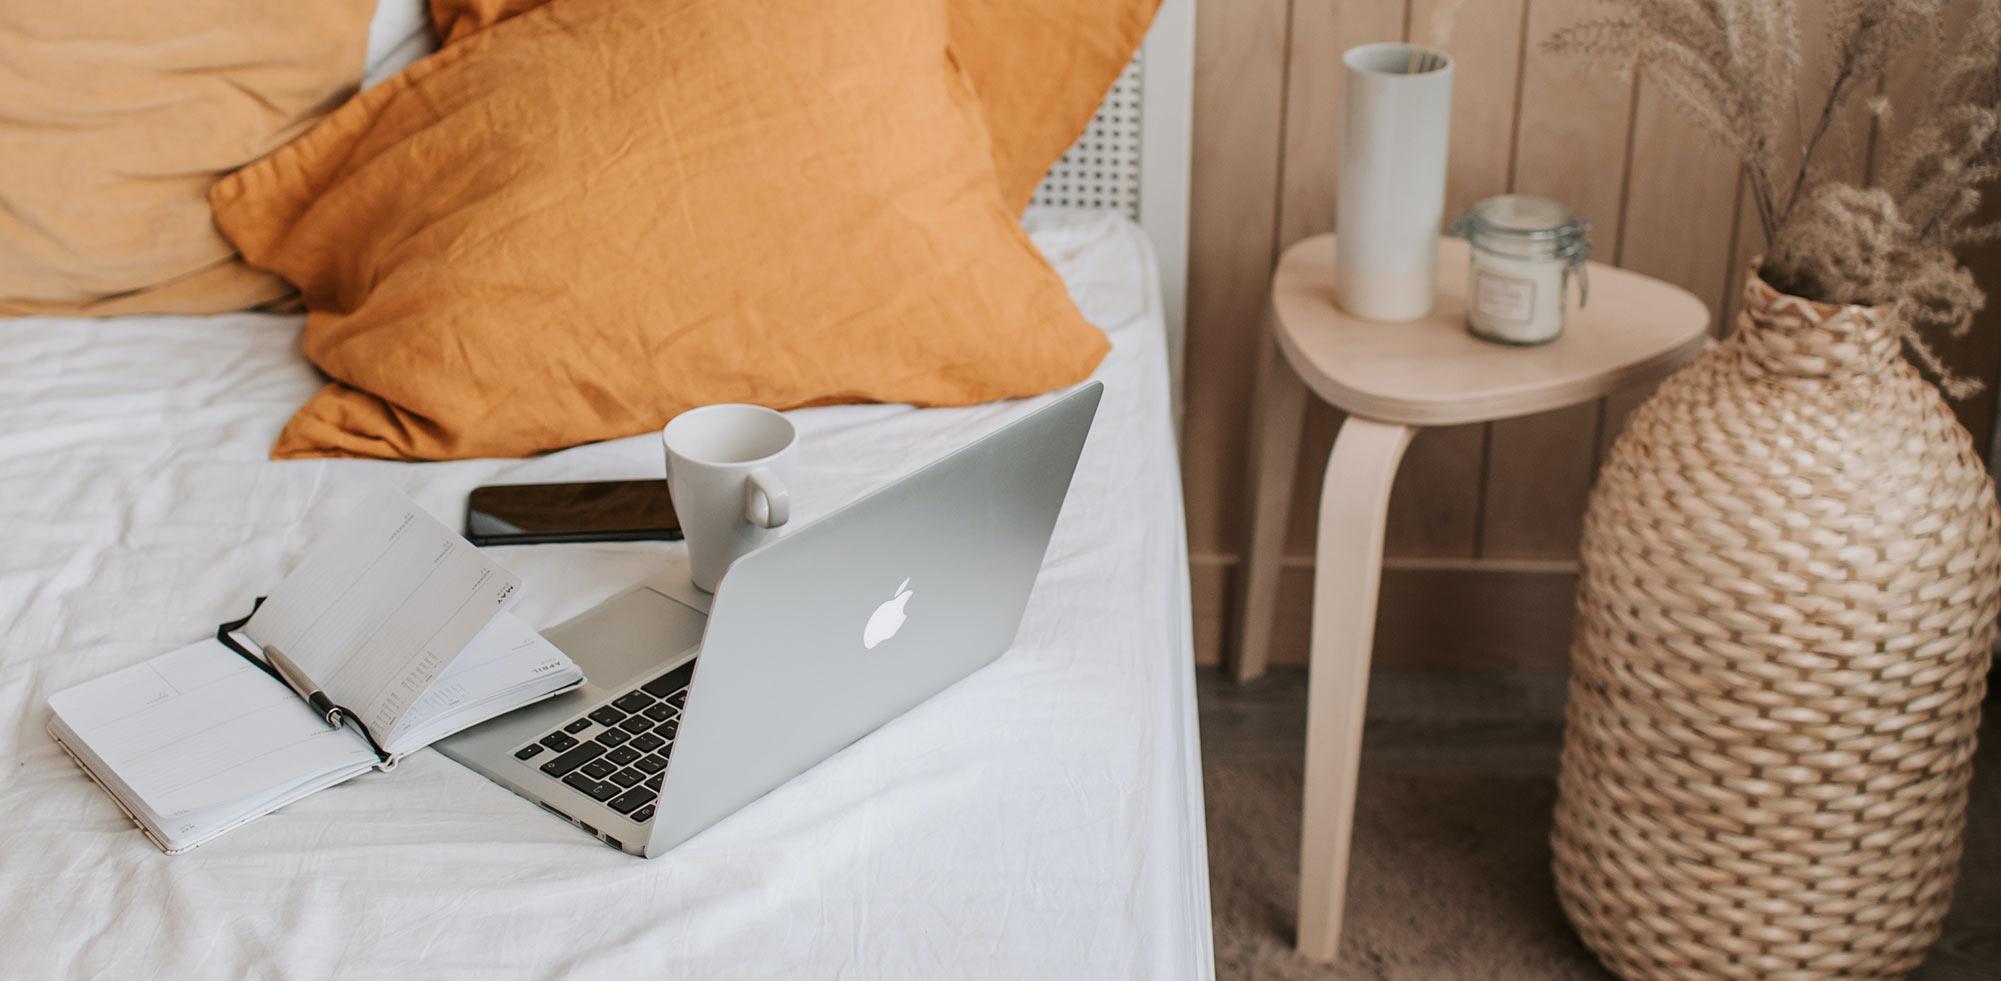 MacBook czy PC? Jaki komputer wybrać dla grafika?